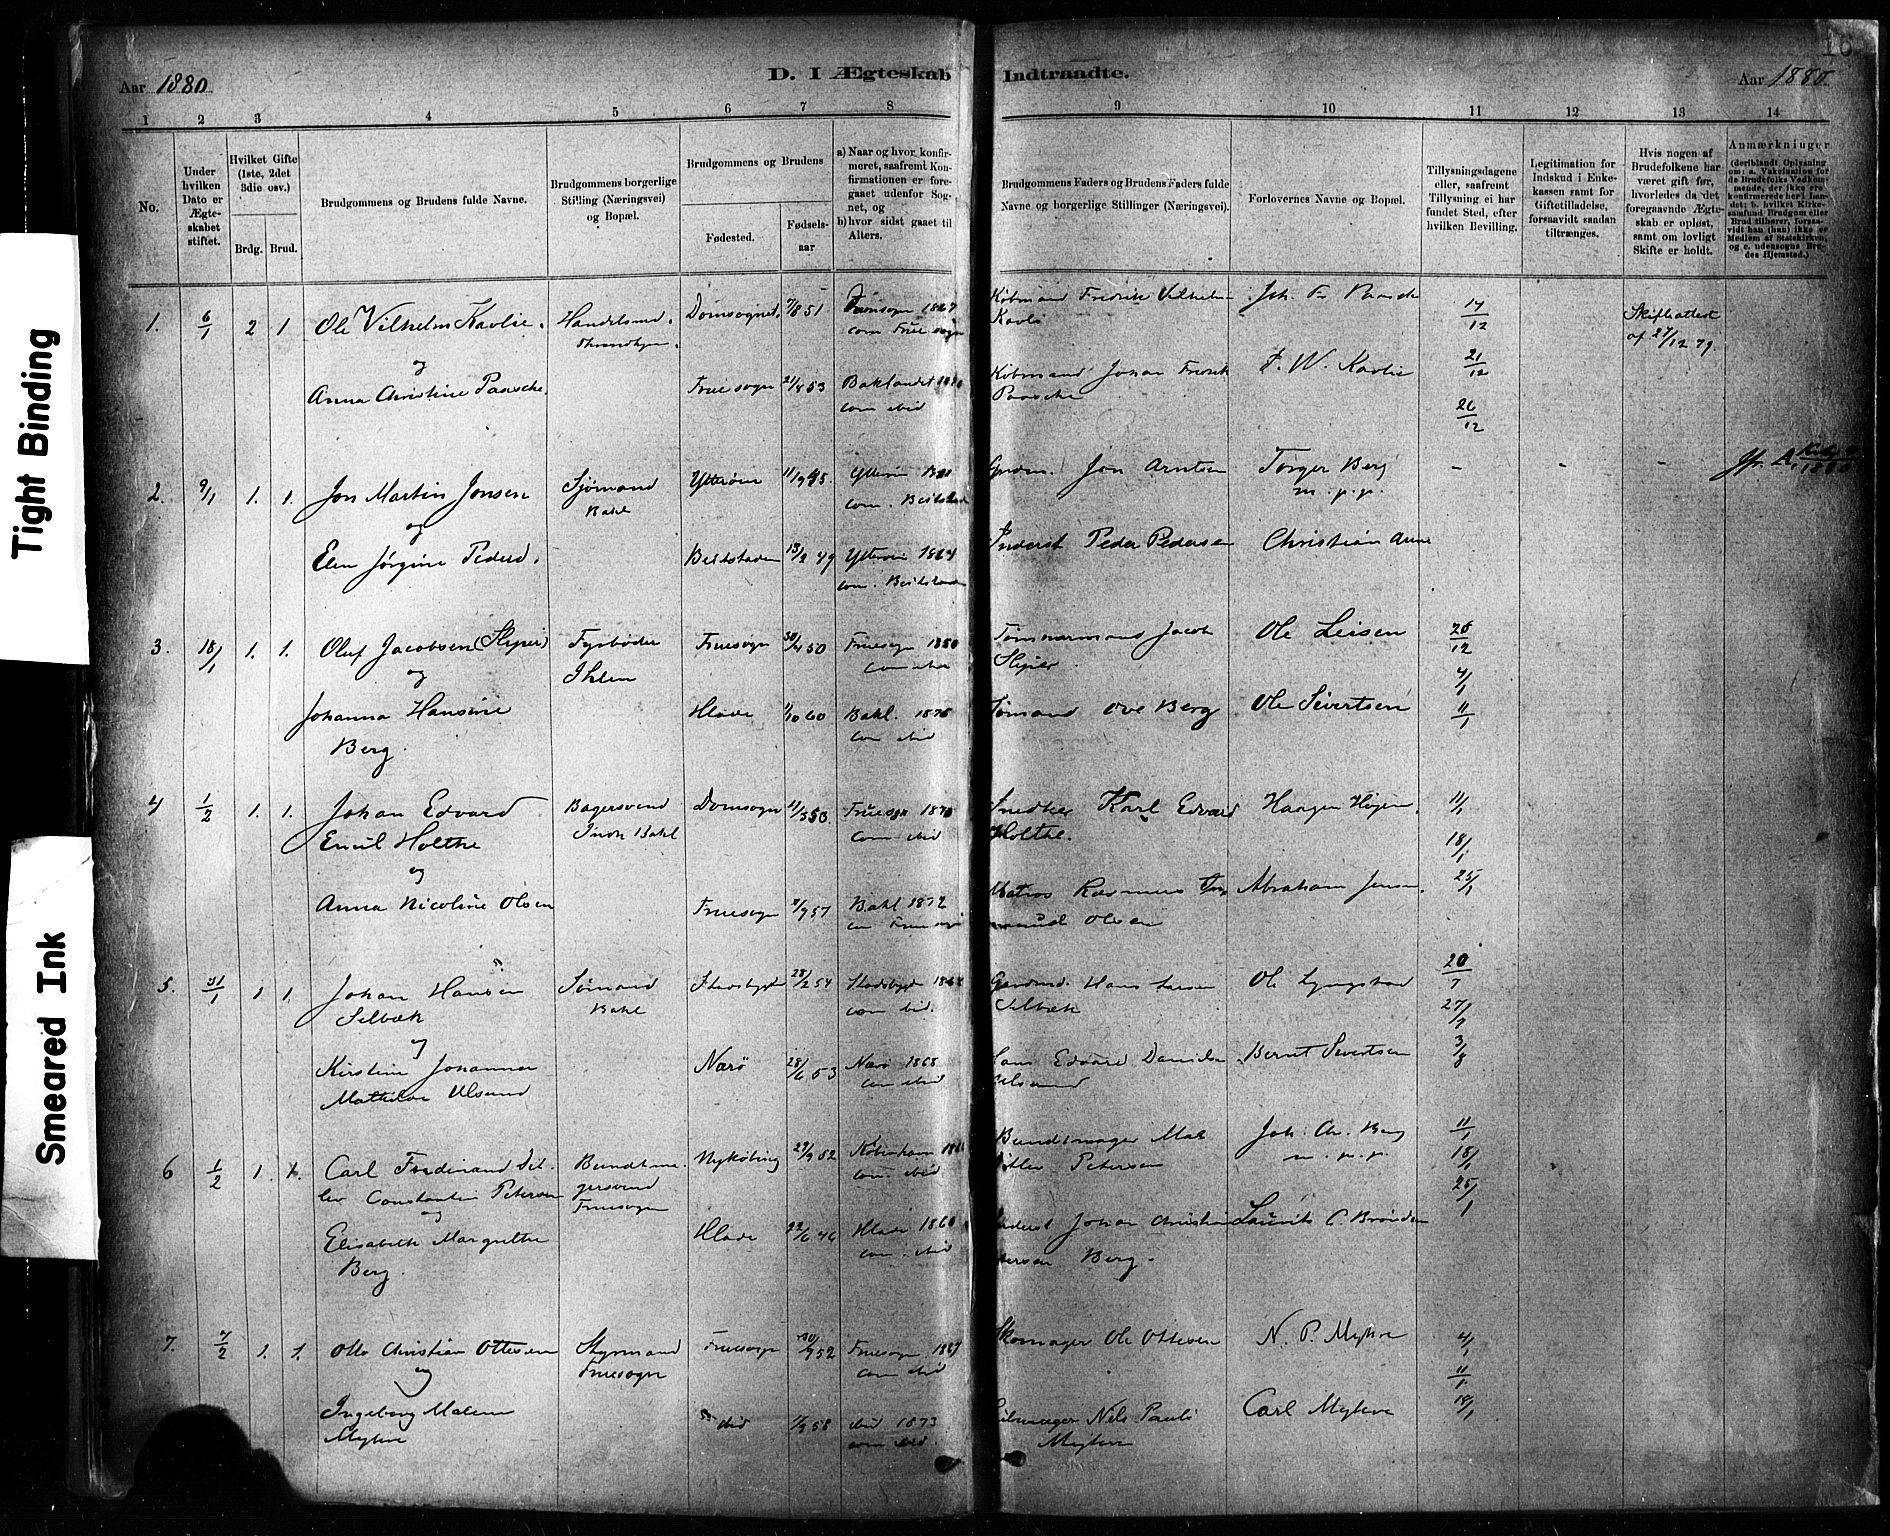 SAT, Ministerialprotokoller, klokkerbøker og fødselsregistre - Sør-Trøndelag, 604/L0189: Ministerialbok nr. 604A10, 1878-1892, s. 16